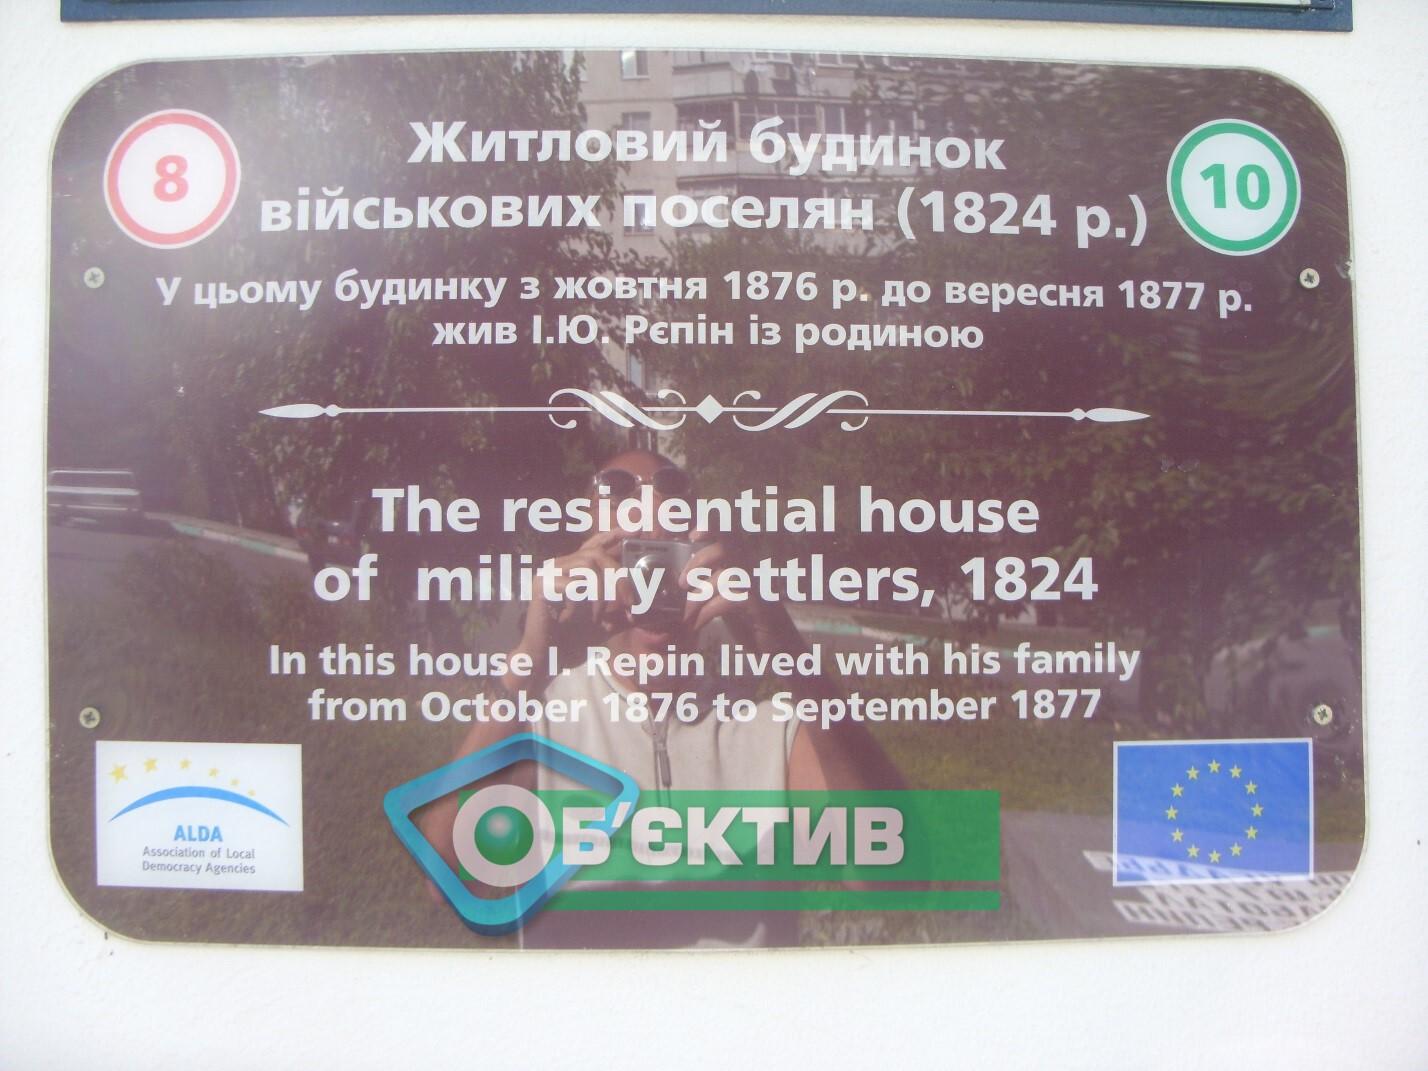 Дом военных поселений в Чугуеве, где жил Илья Репин